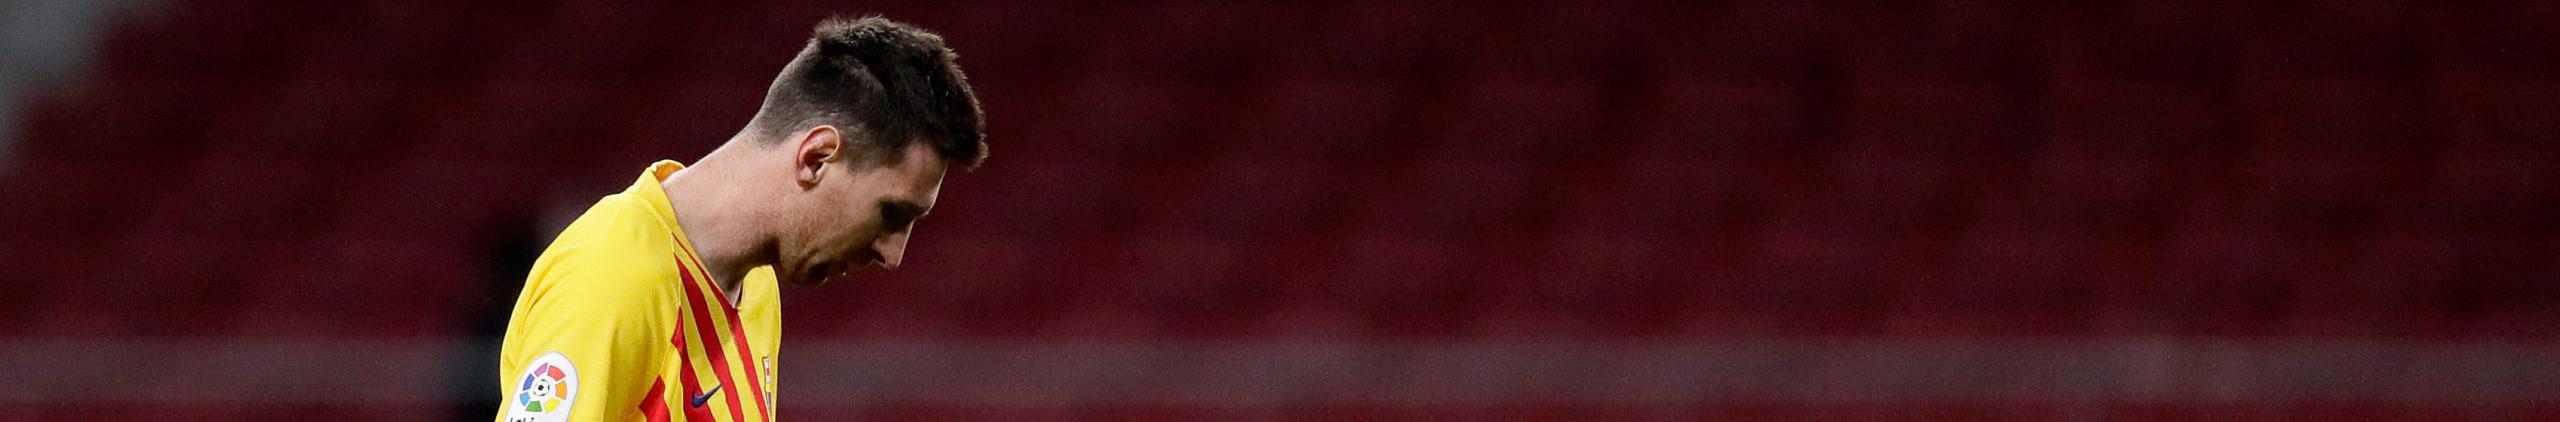 Pronostici Champions League, le gare di martedì 24 novembre